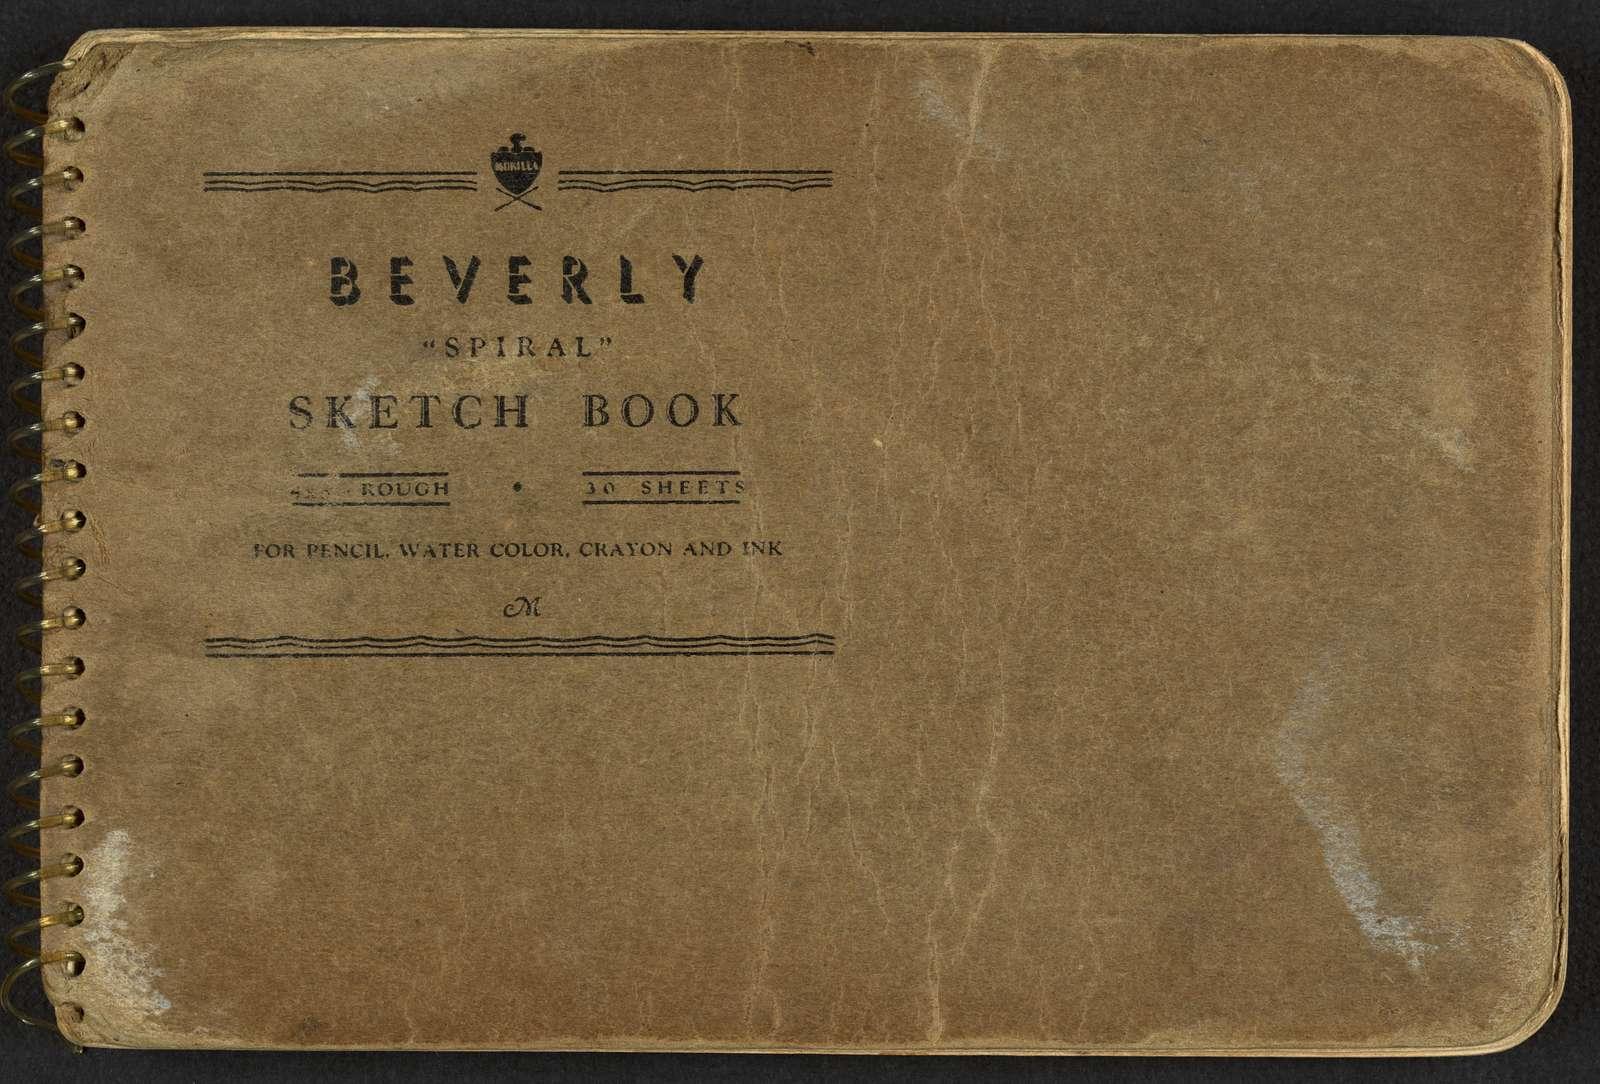 [Cover of sketchbook, volume 2]